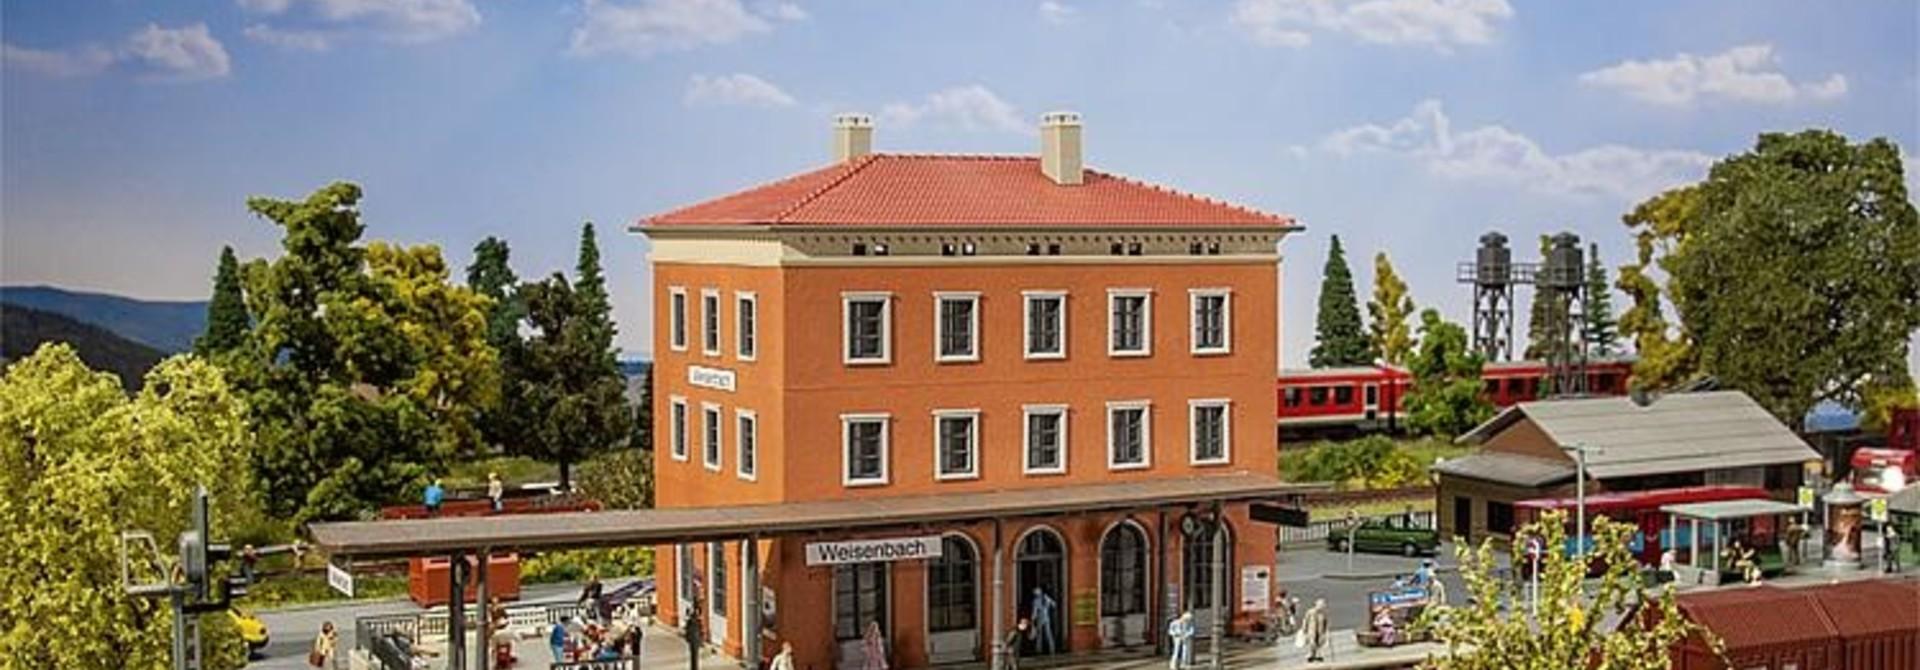 BEIERS STATION WEISENBACH